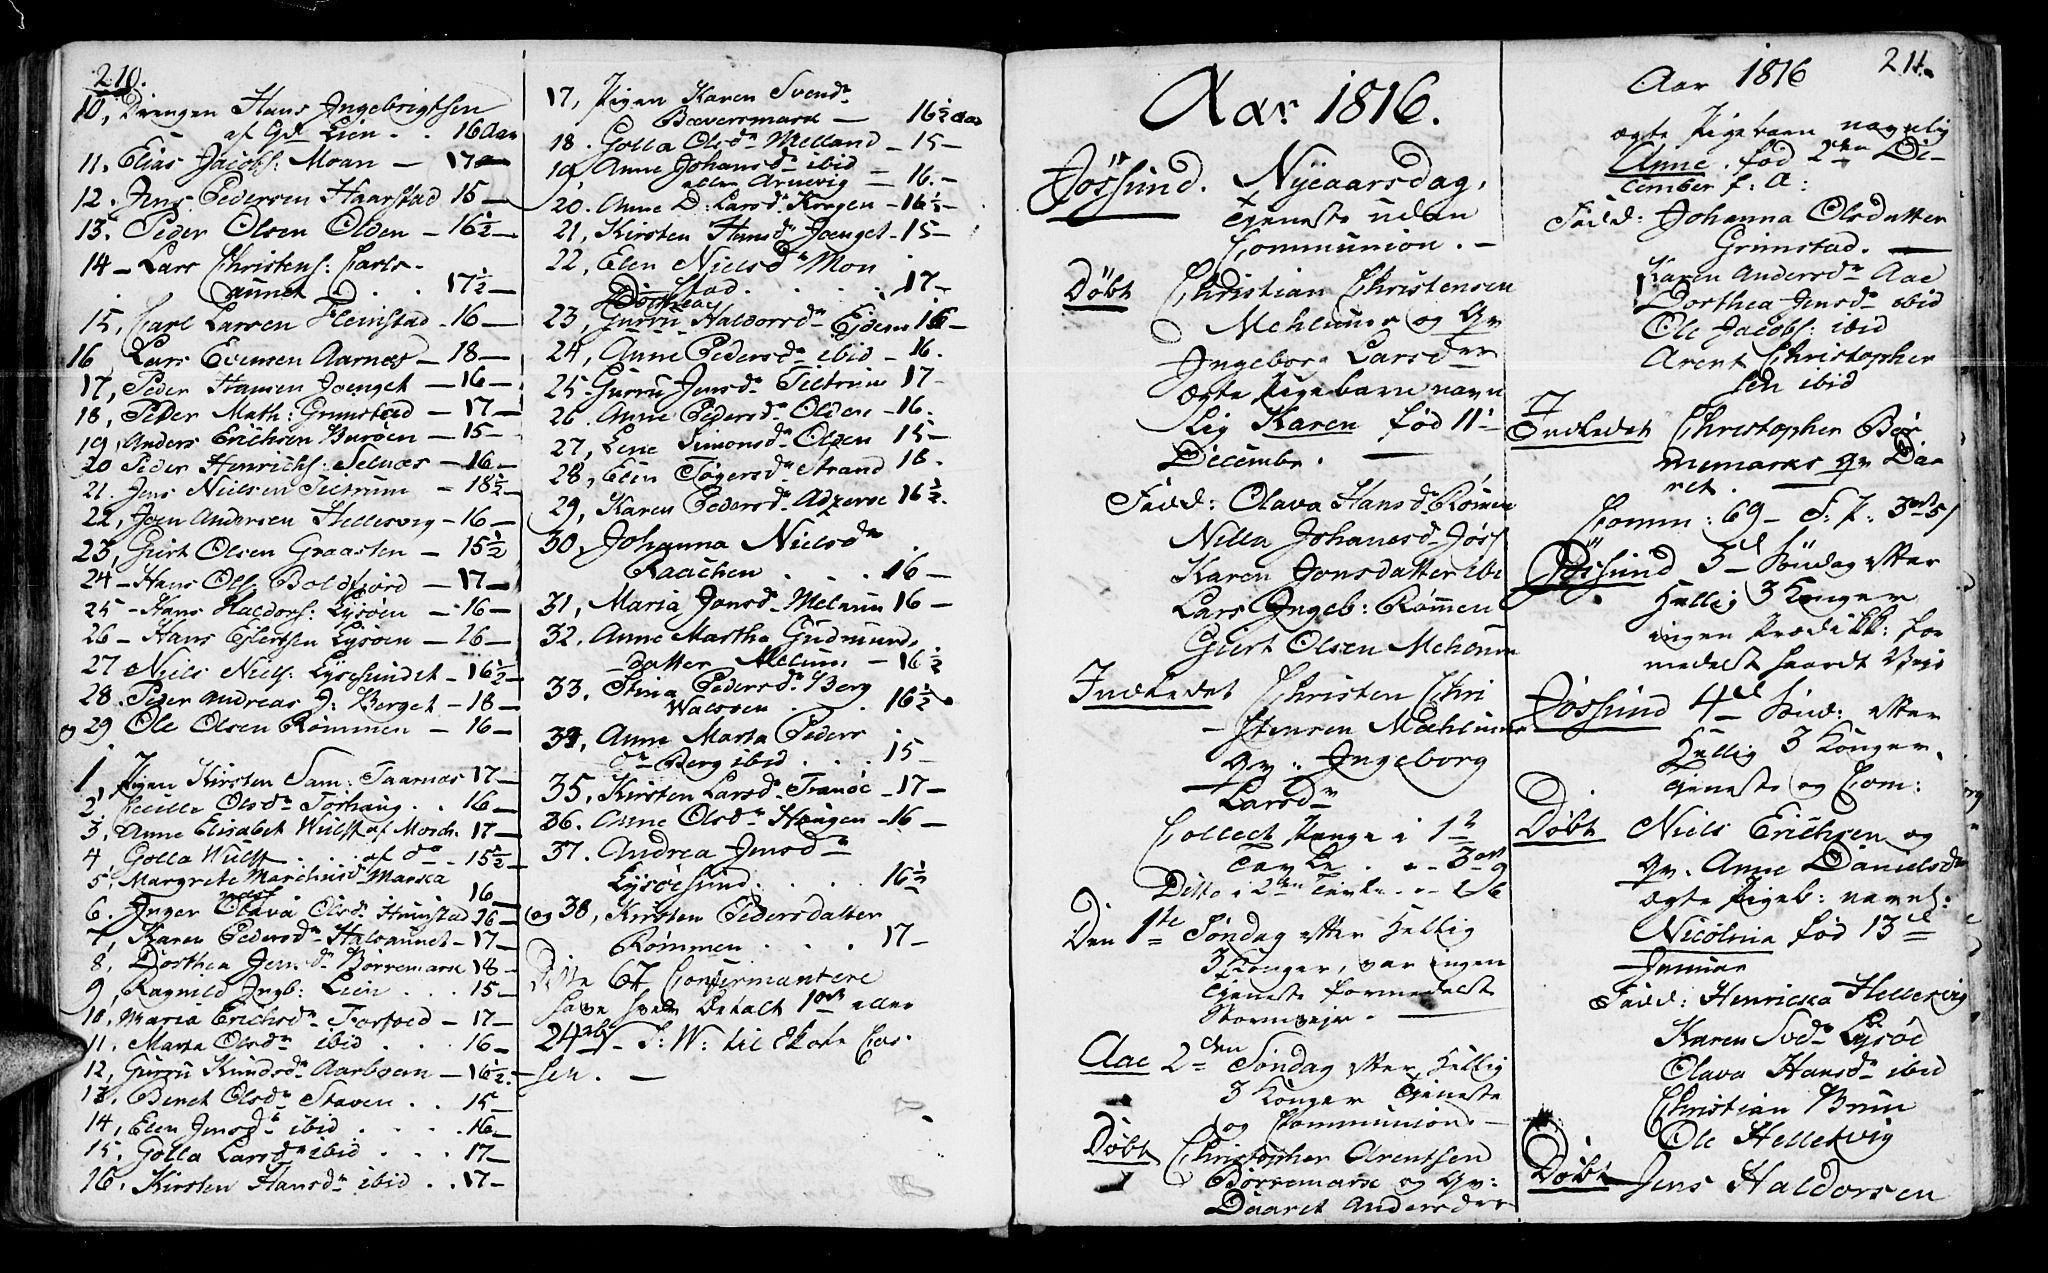 SAT, Ministerialprotokoller, klokkerbøker og fødselsregistre - Sør-Trøndelag, 655/L0674: Ministerialbok nr. 655A03, 1802-1826, s. 210-211